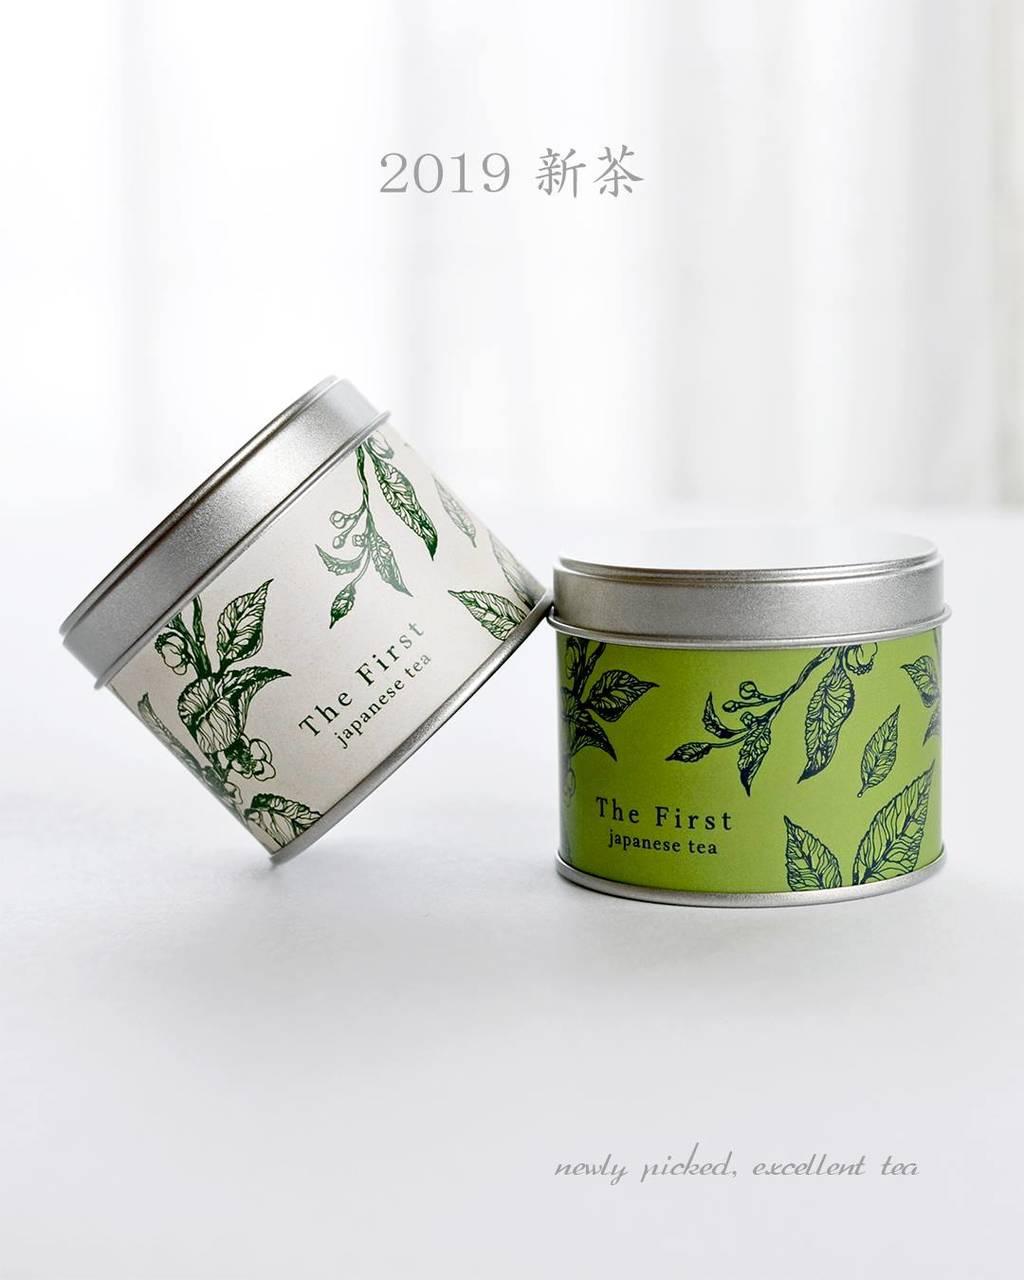 新茶シーズン到来!おいしい日本茶研究所「2019新茶」の予約受付を開始!